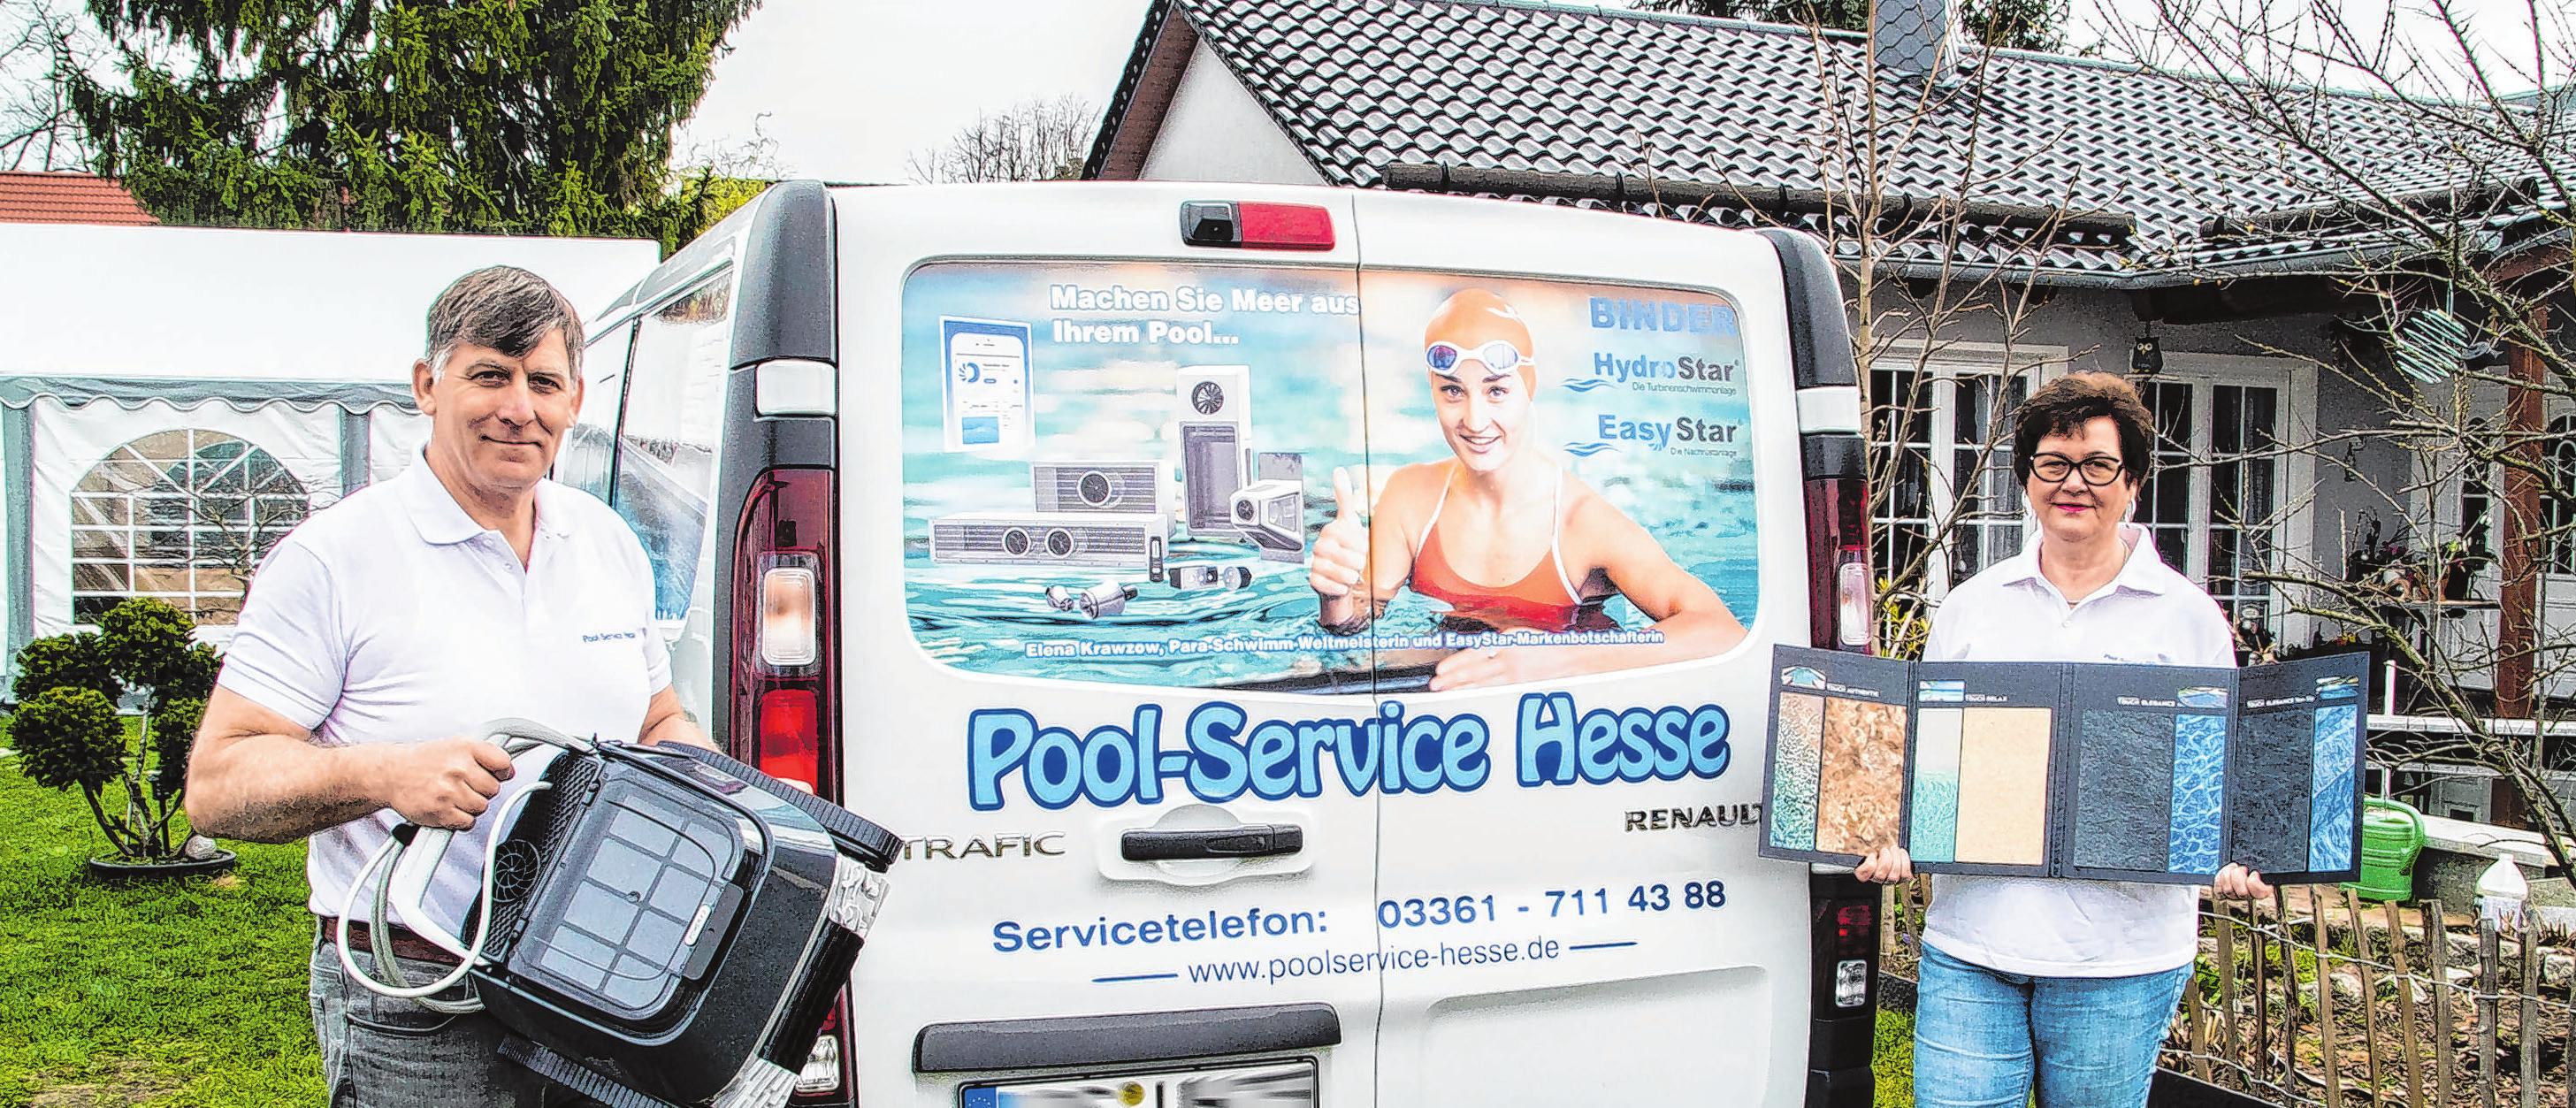 """Firmenchef Udo Hesse und Ehefrau Gabriele vom """"Pool-Service-Hesse"""" sind gemeinsam seit fünfzehn Jahren für ihre Kunden ein kompetenter Ansprechpartner. Fotos (4): A. Winkler"""